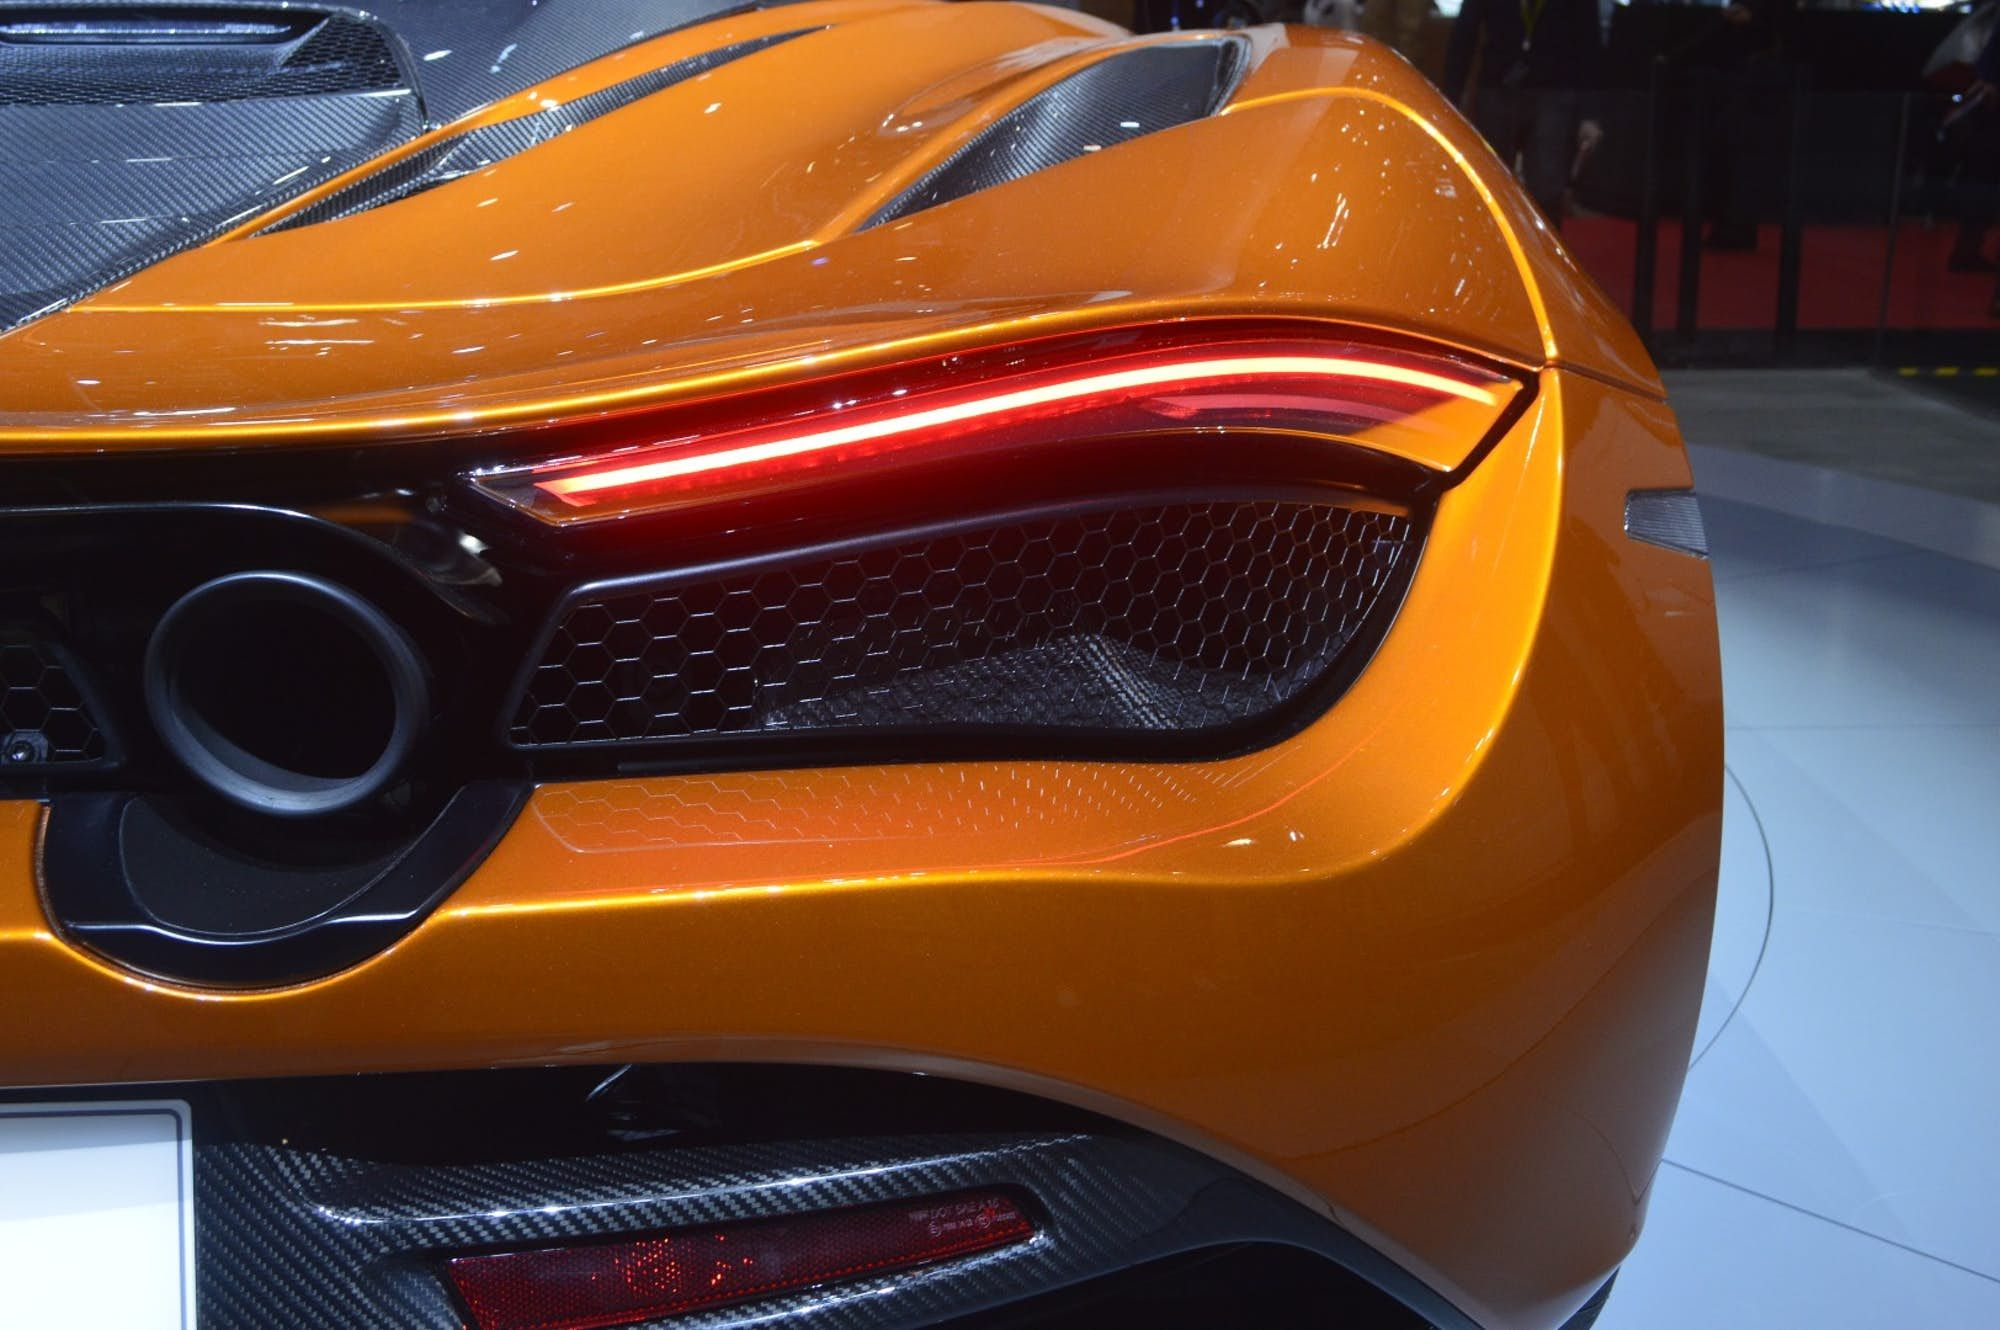 Mclaren Majors In Aerodynamics For All New 720s Mclaren Aerodynamics Geneva Motor Show